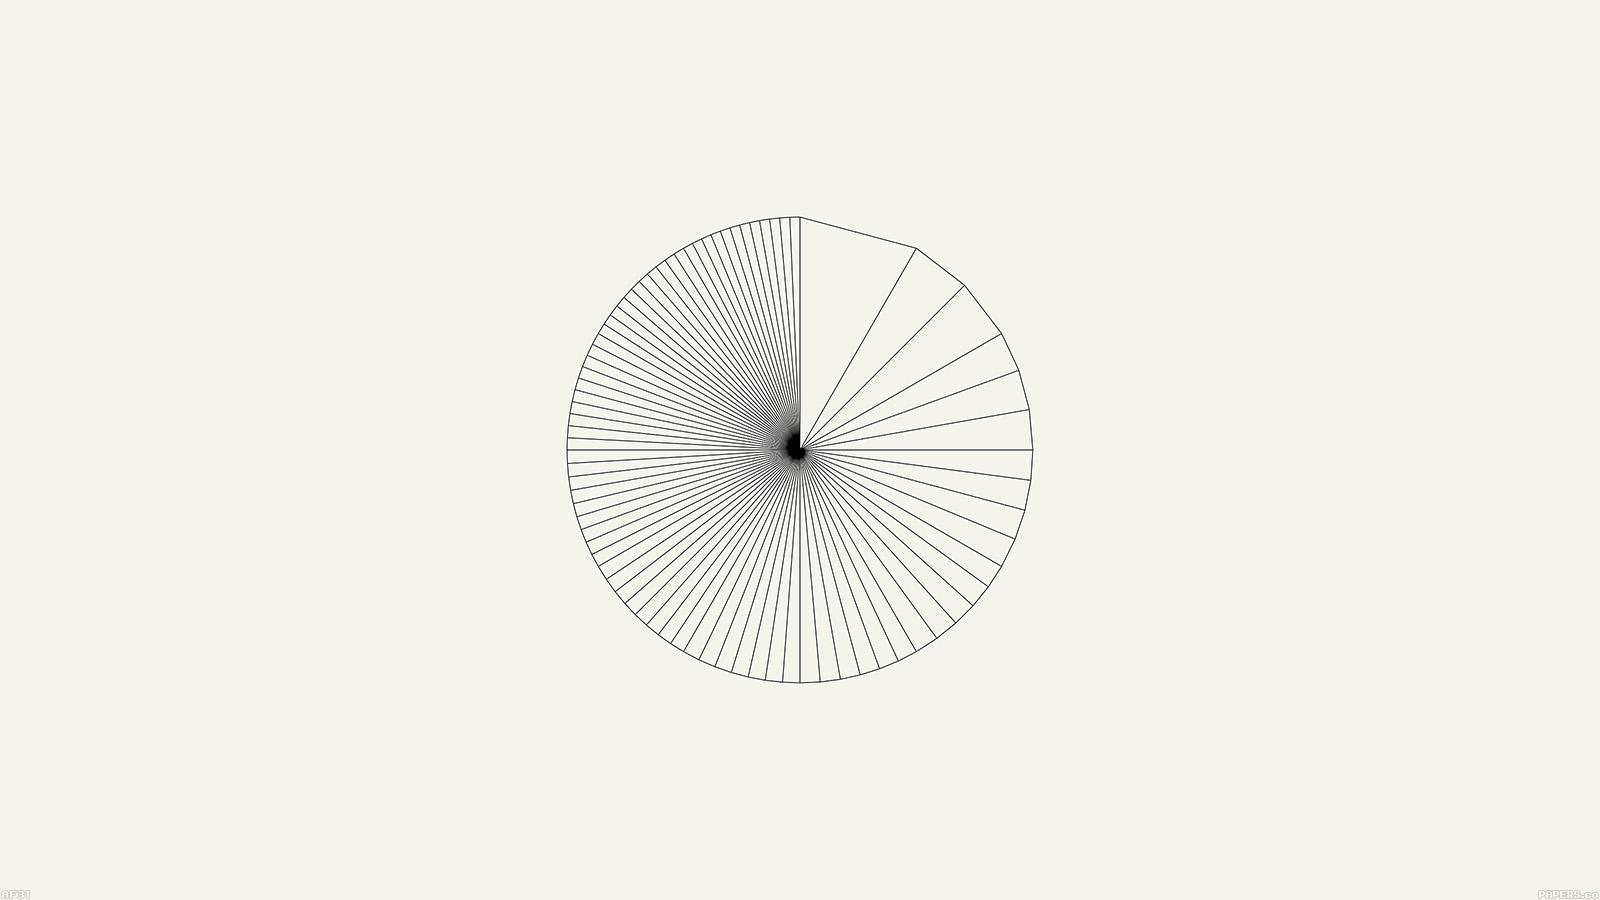 Af31 12 slides minimal art for Minimal art essay